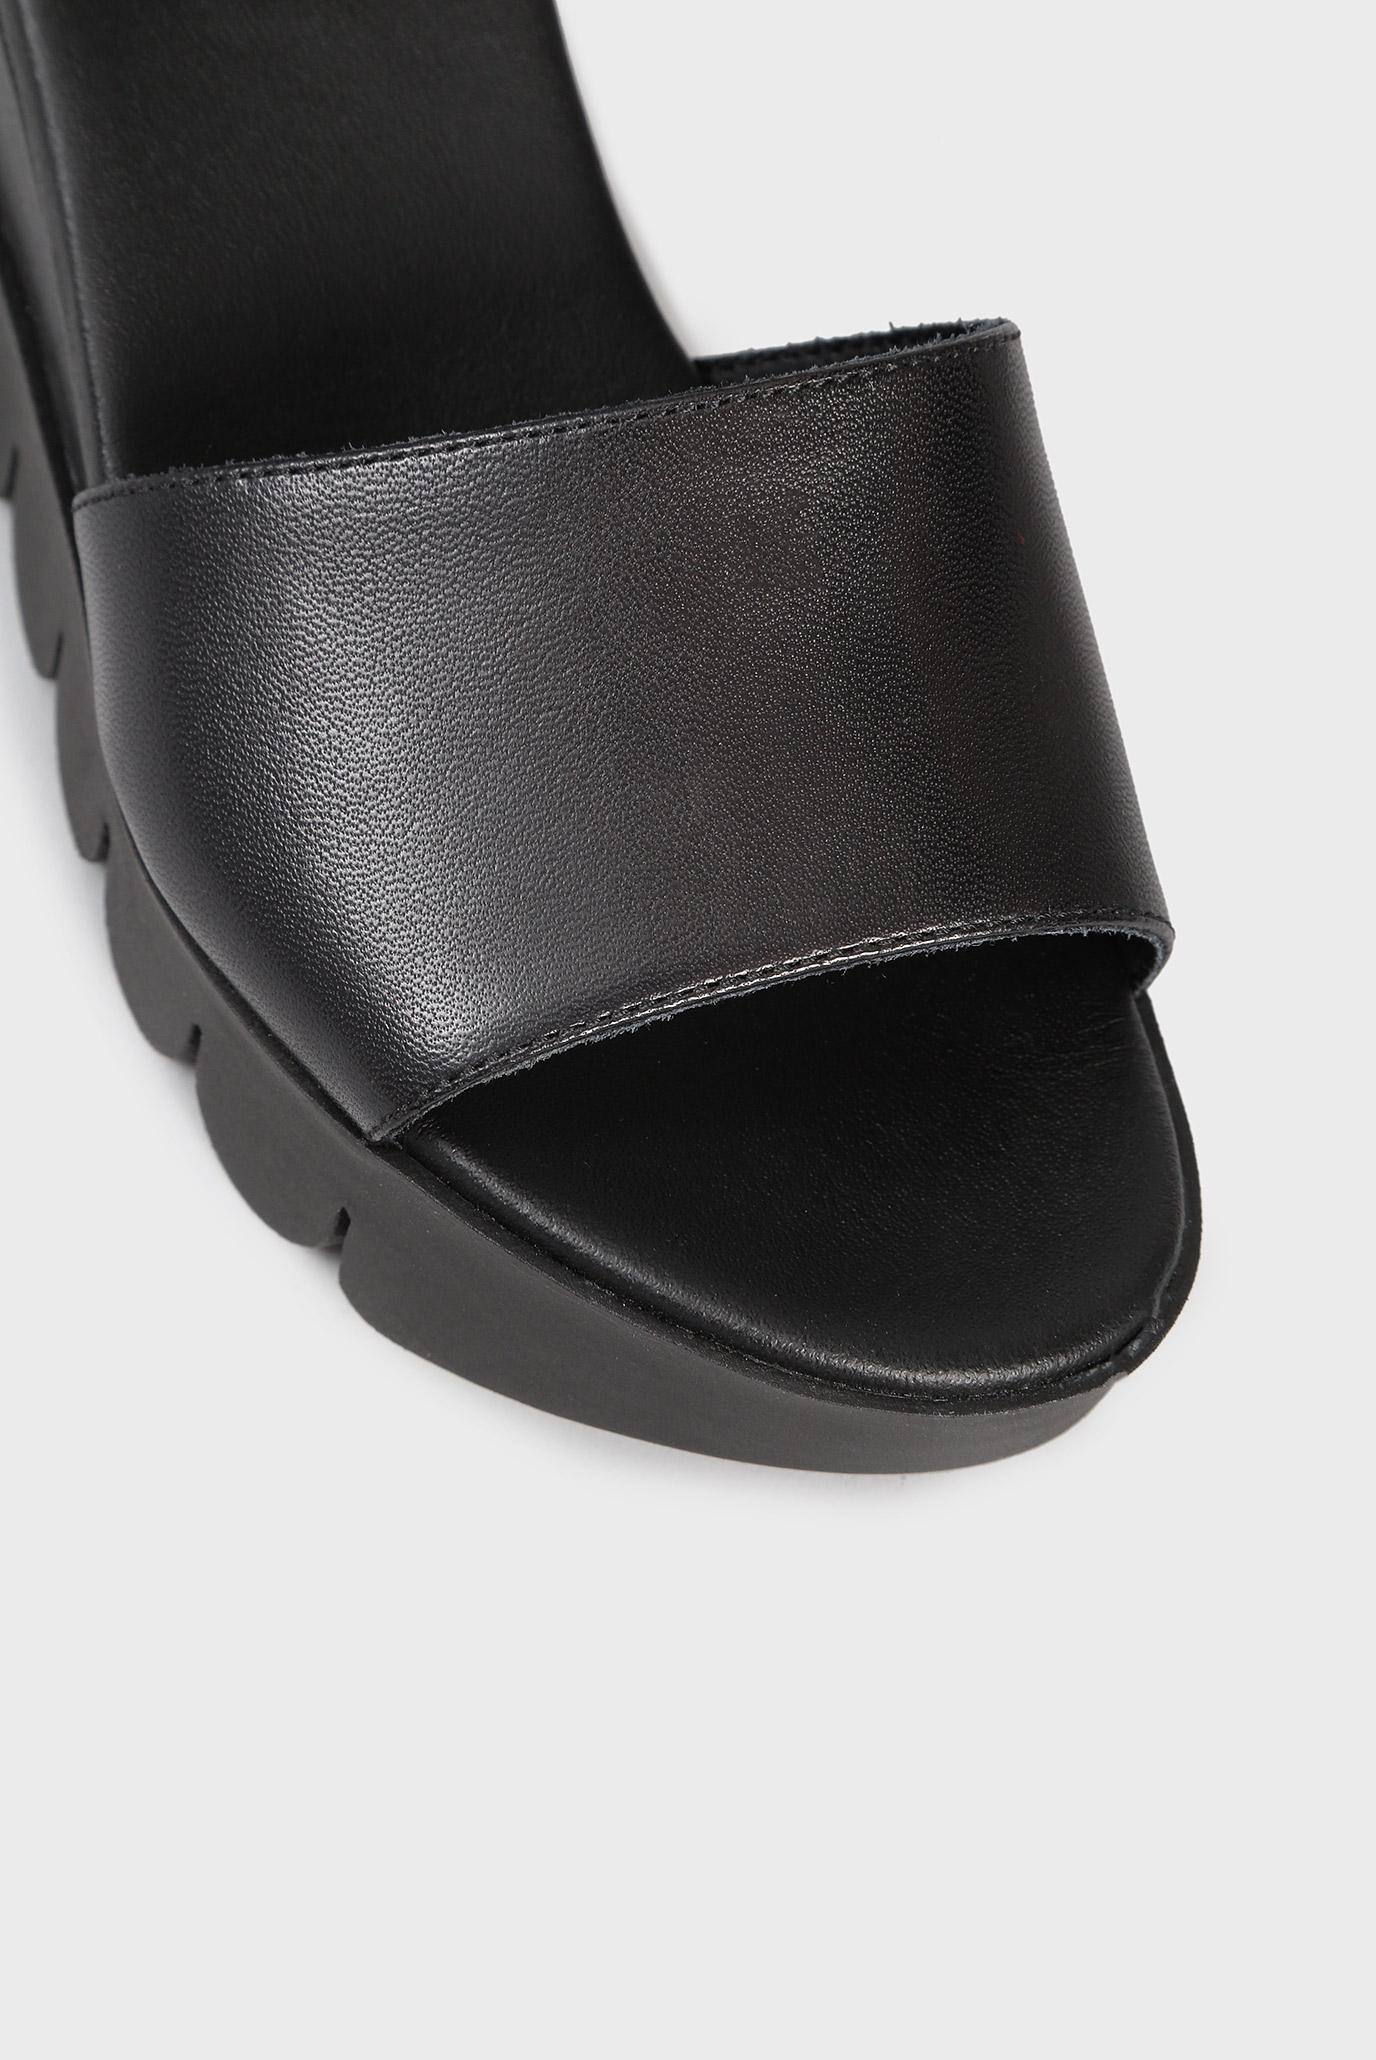 Купить Женские черные кожаные сандалии Tosca Blu  Tosca Blu  SS1820S382 – Киев, Украина. Цены в интернет магазине MD Fashion